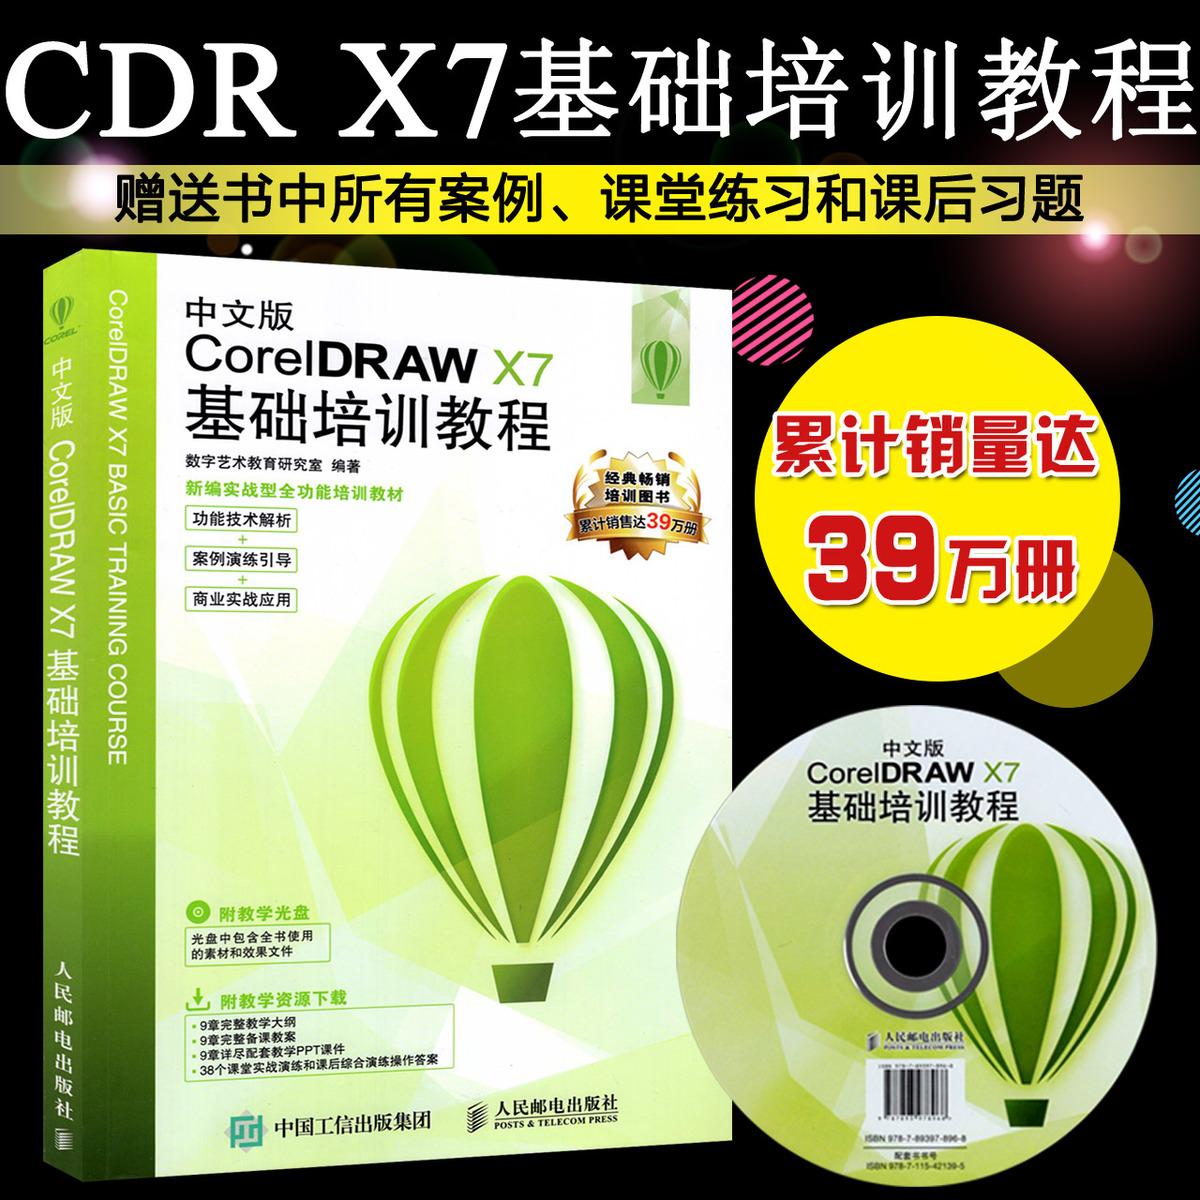 中文版CorelDRAW X7基础培训教程 CorelDRAW X7视频教程书籍 cdr x7自学教程 cdr x7软件基础教程书籍 平面设计图形图像教材